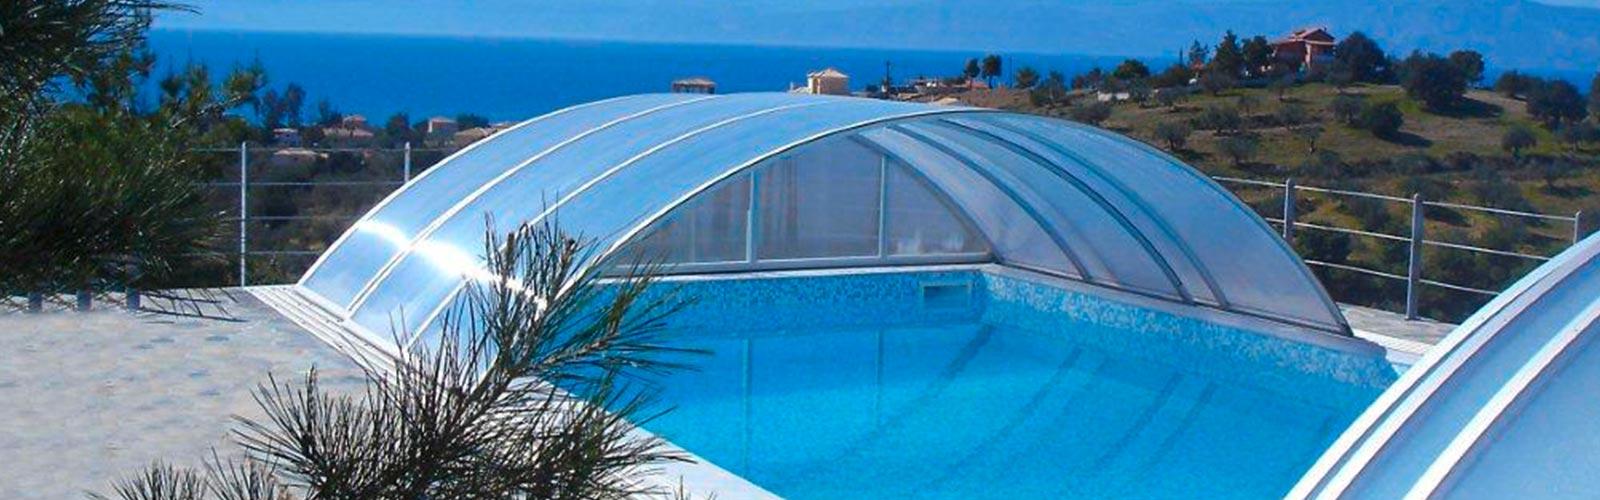 S&K GmbH Jacuzzi Whirlpool - Poolüberdachung nach vorne und hinten ausgefahren